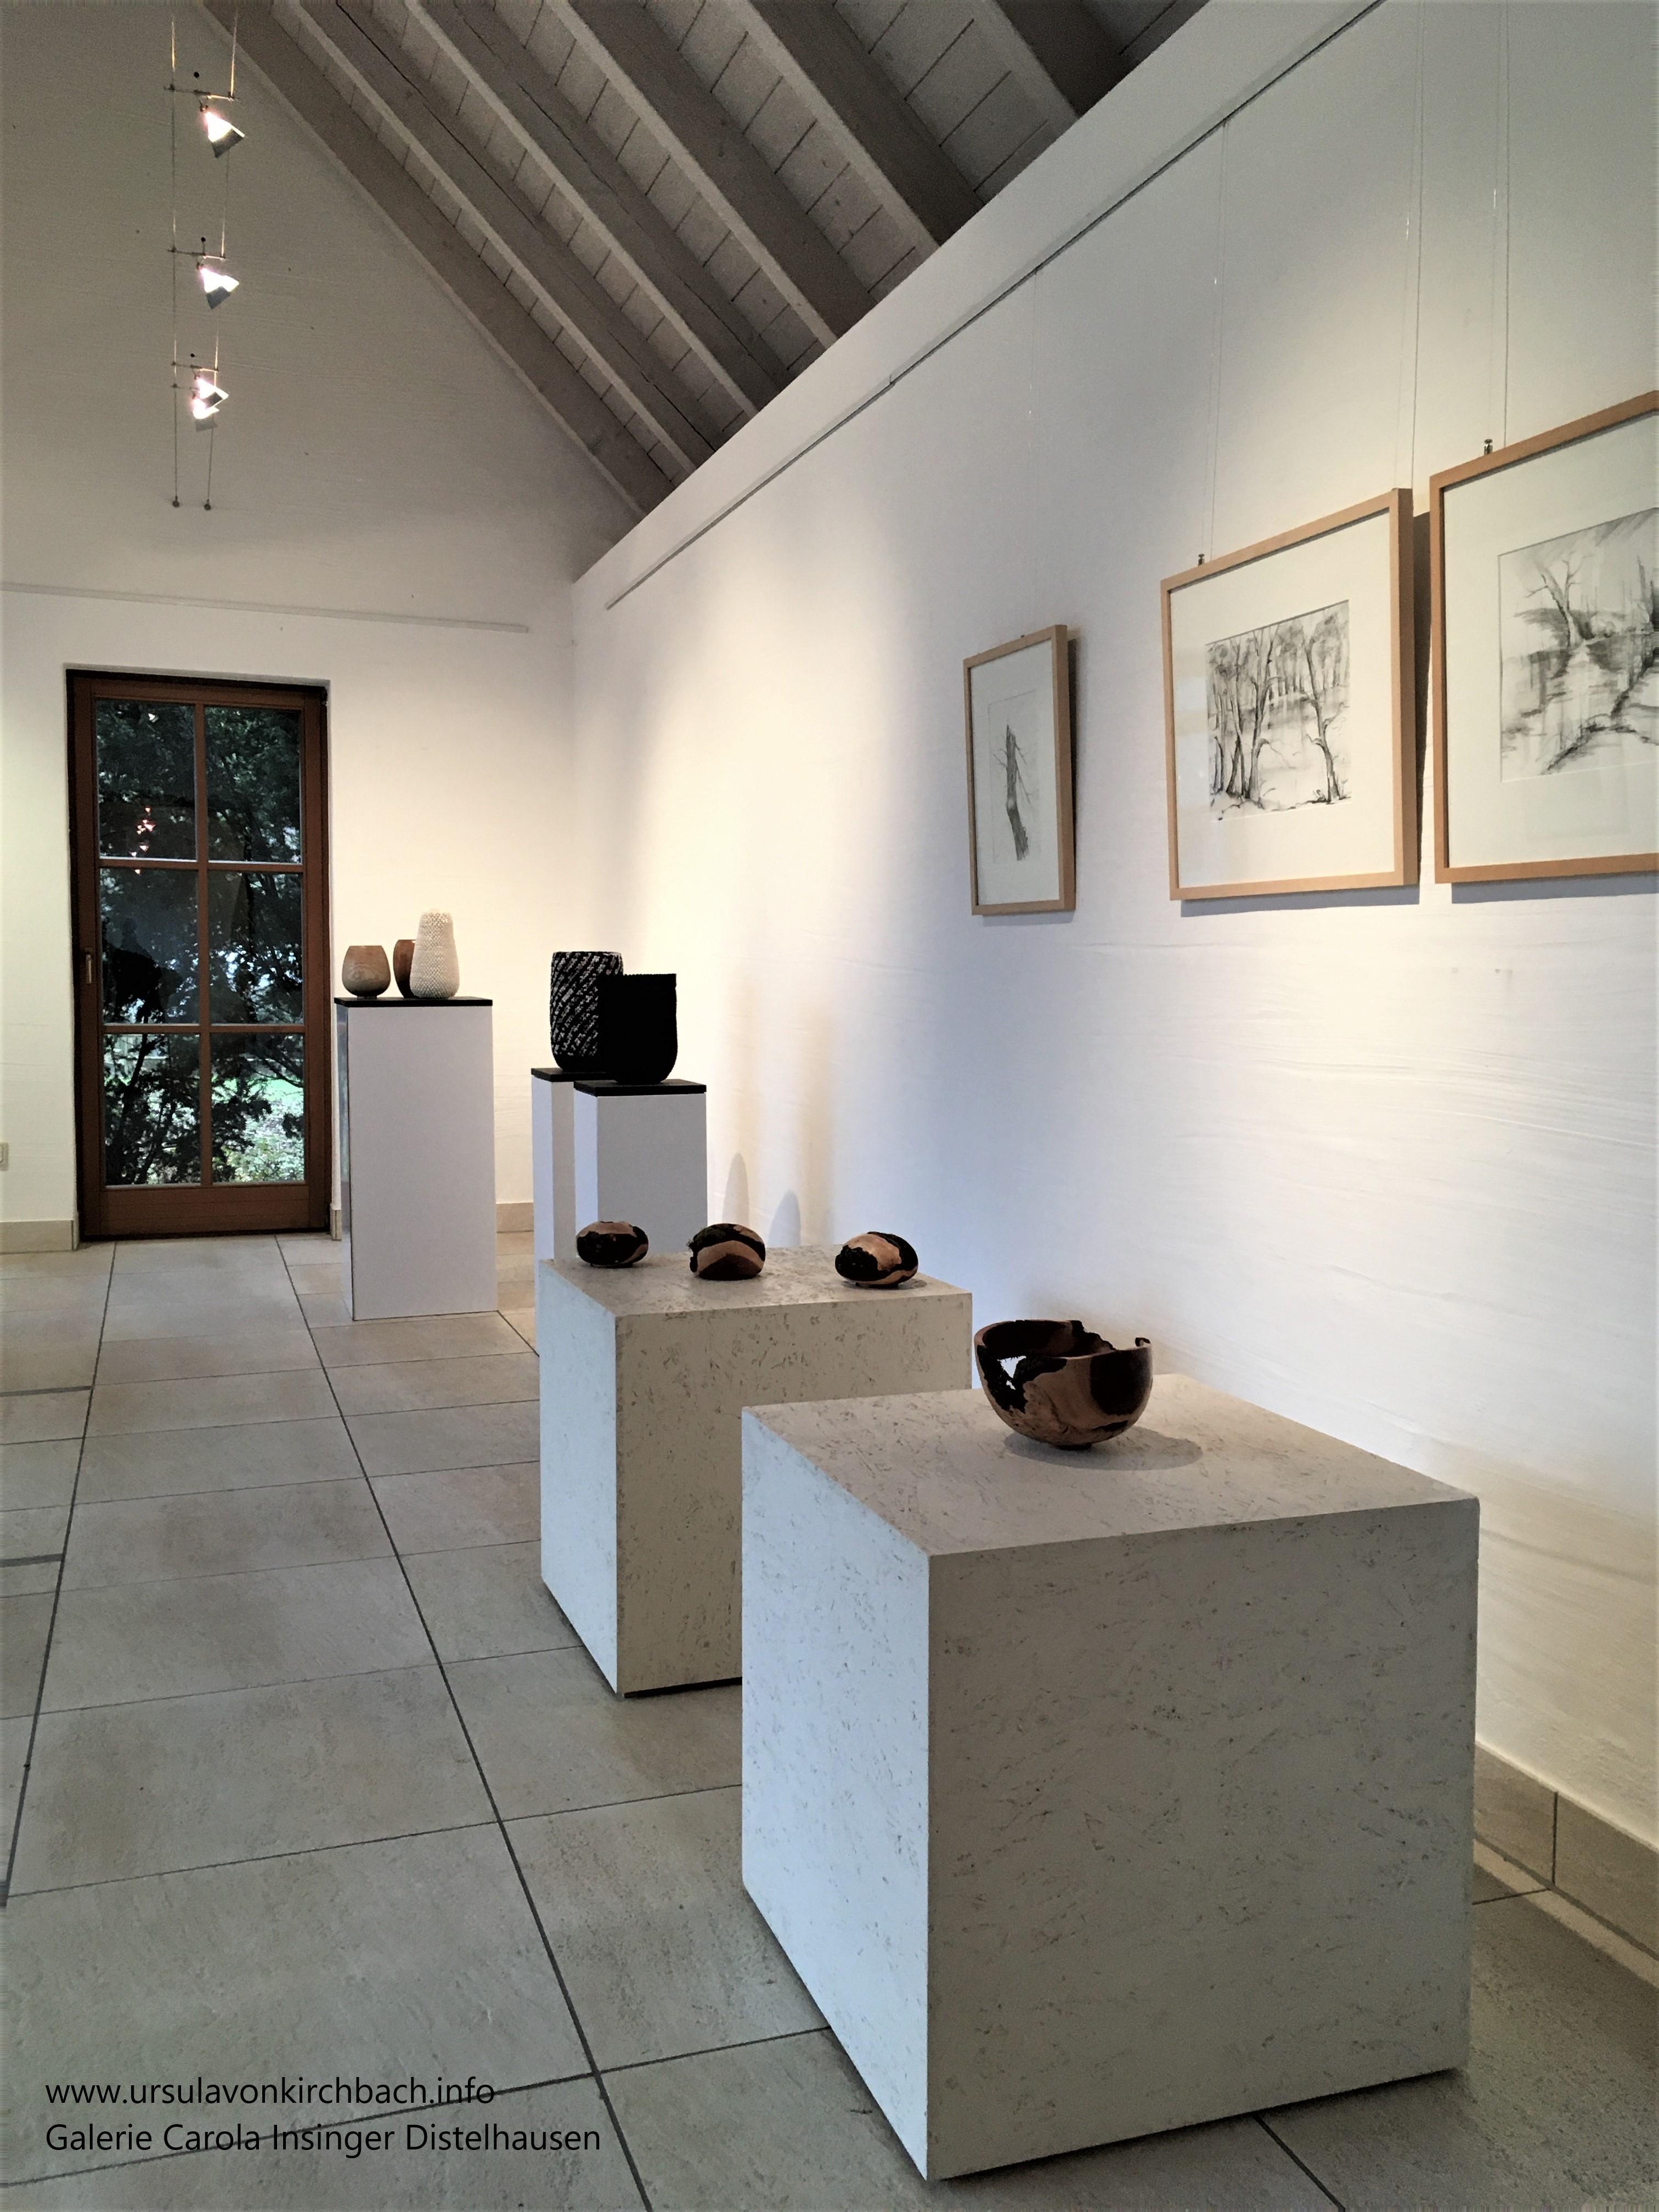 Galerie Carola Insinger Distelhausen -Eingang 3